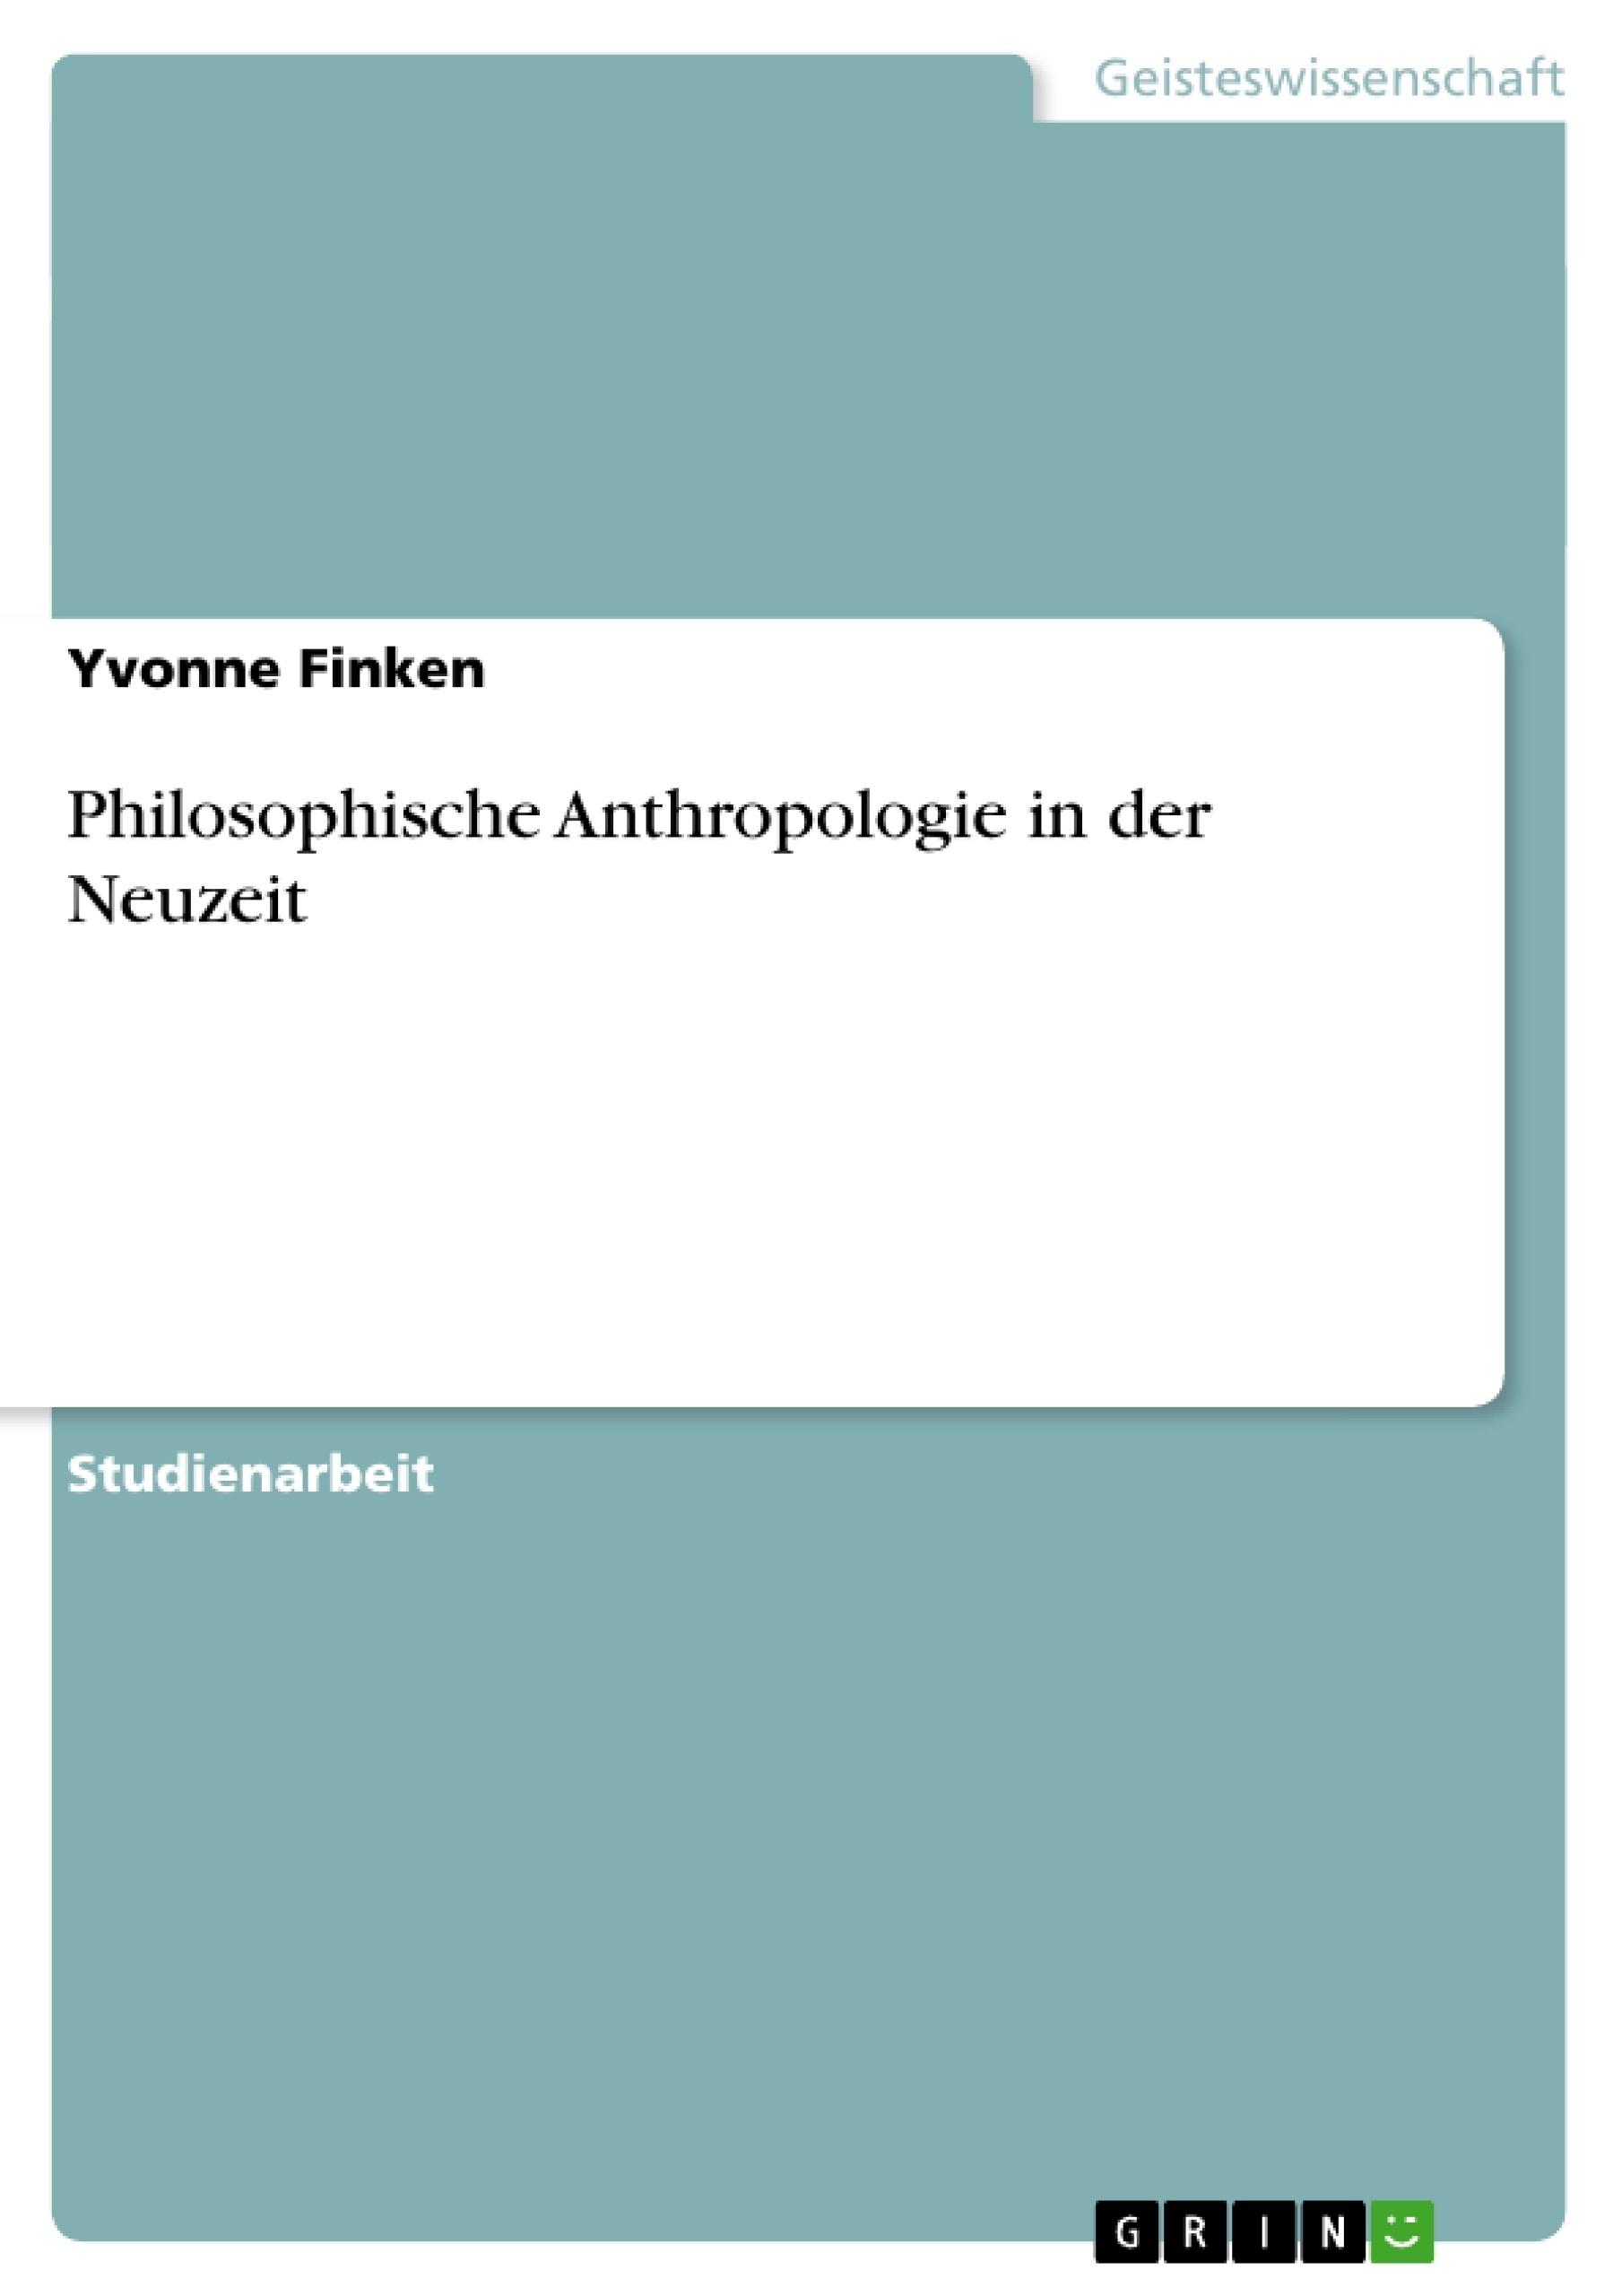 Titel: Philosophische Anthropologie in der Neuzeit